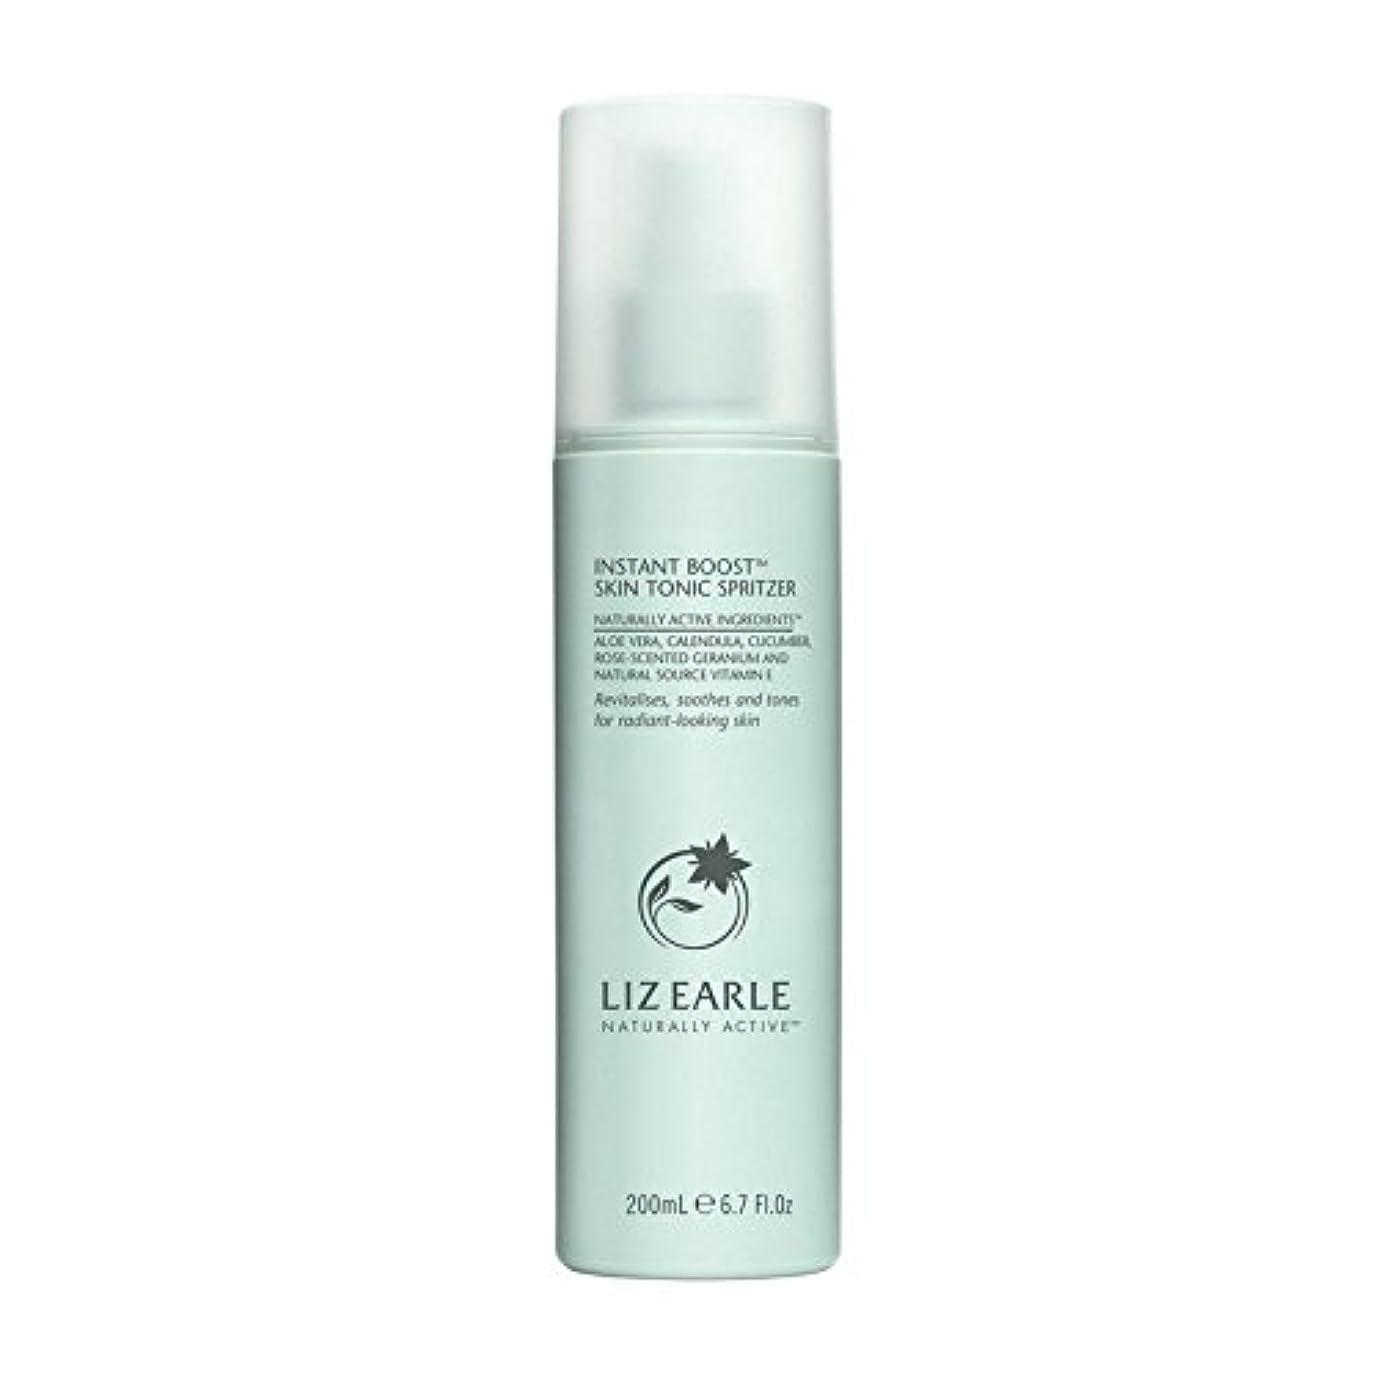 独立した楕円形三Liz Earle Instant Boost Skin Tonic Spritzer 200ml (Pack of 6) - リズアールインスタントブーストスキントニックスプリッツァーの200ミリリットル x6 [並行輸入品]